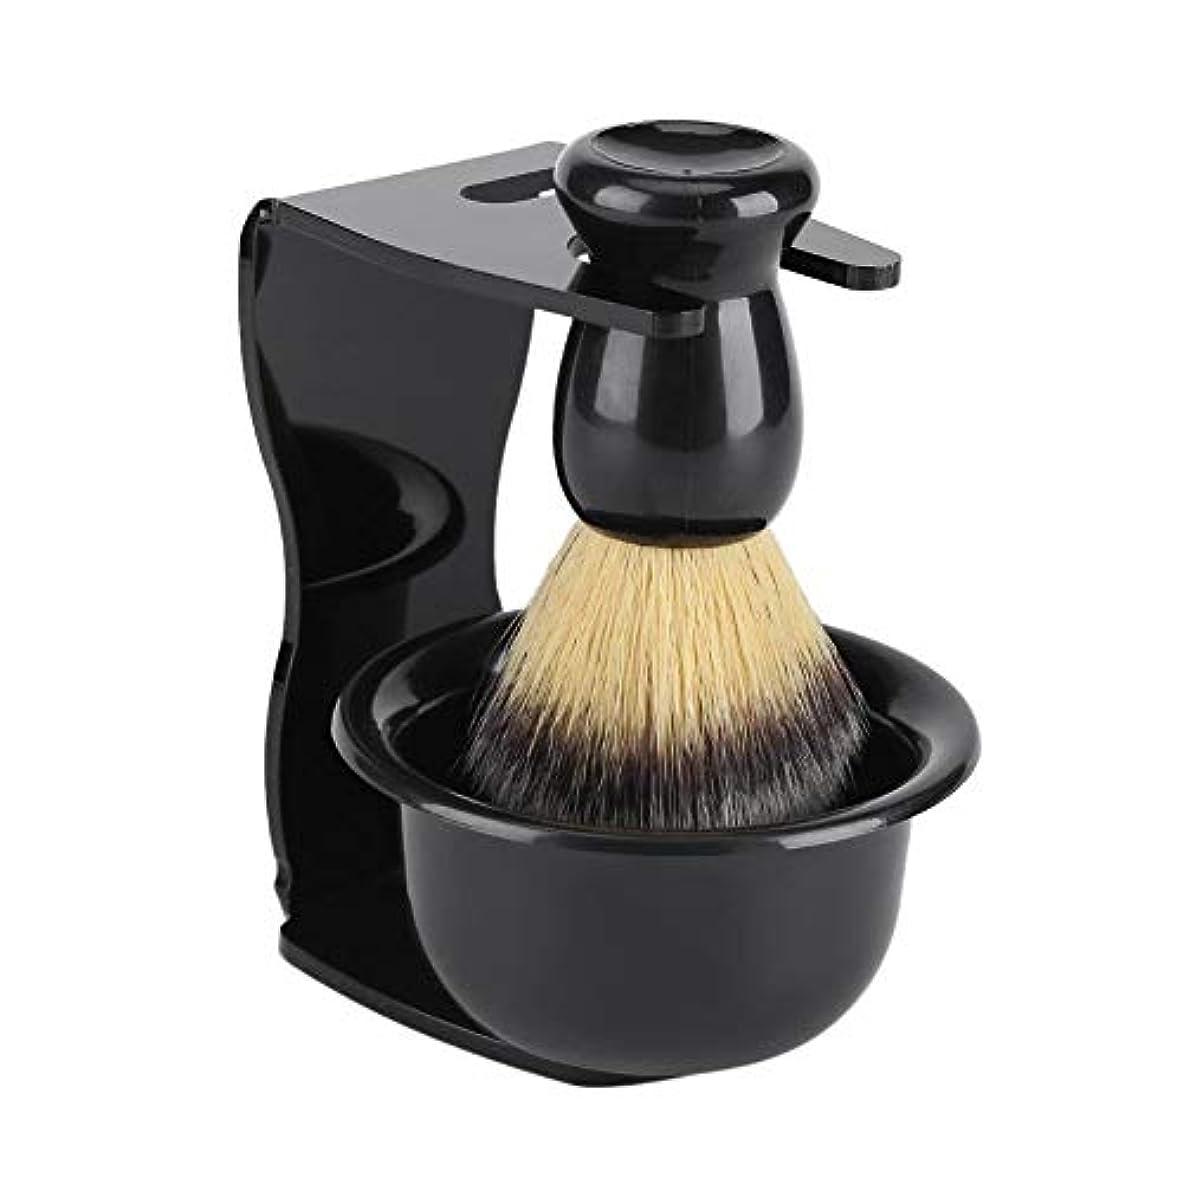 懸念まばたき表面3セットひげブラシ シェービングブラシ プレゼントシェービングブラシセット プラシスタンド 石鹸ボウル 理容 洗顔 髭剃り